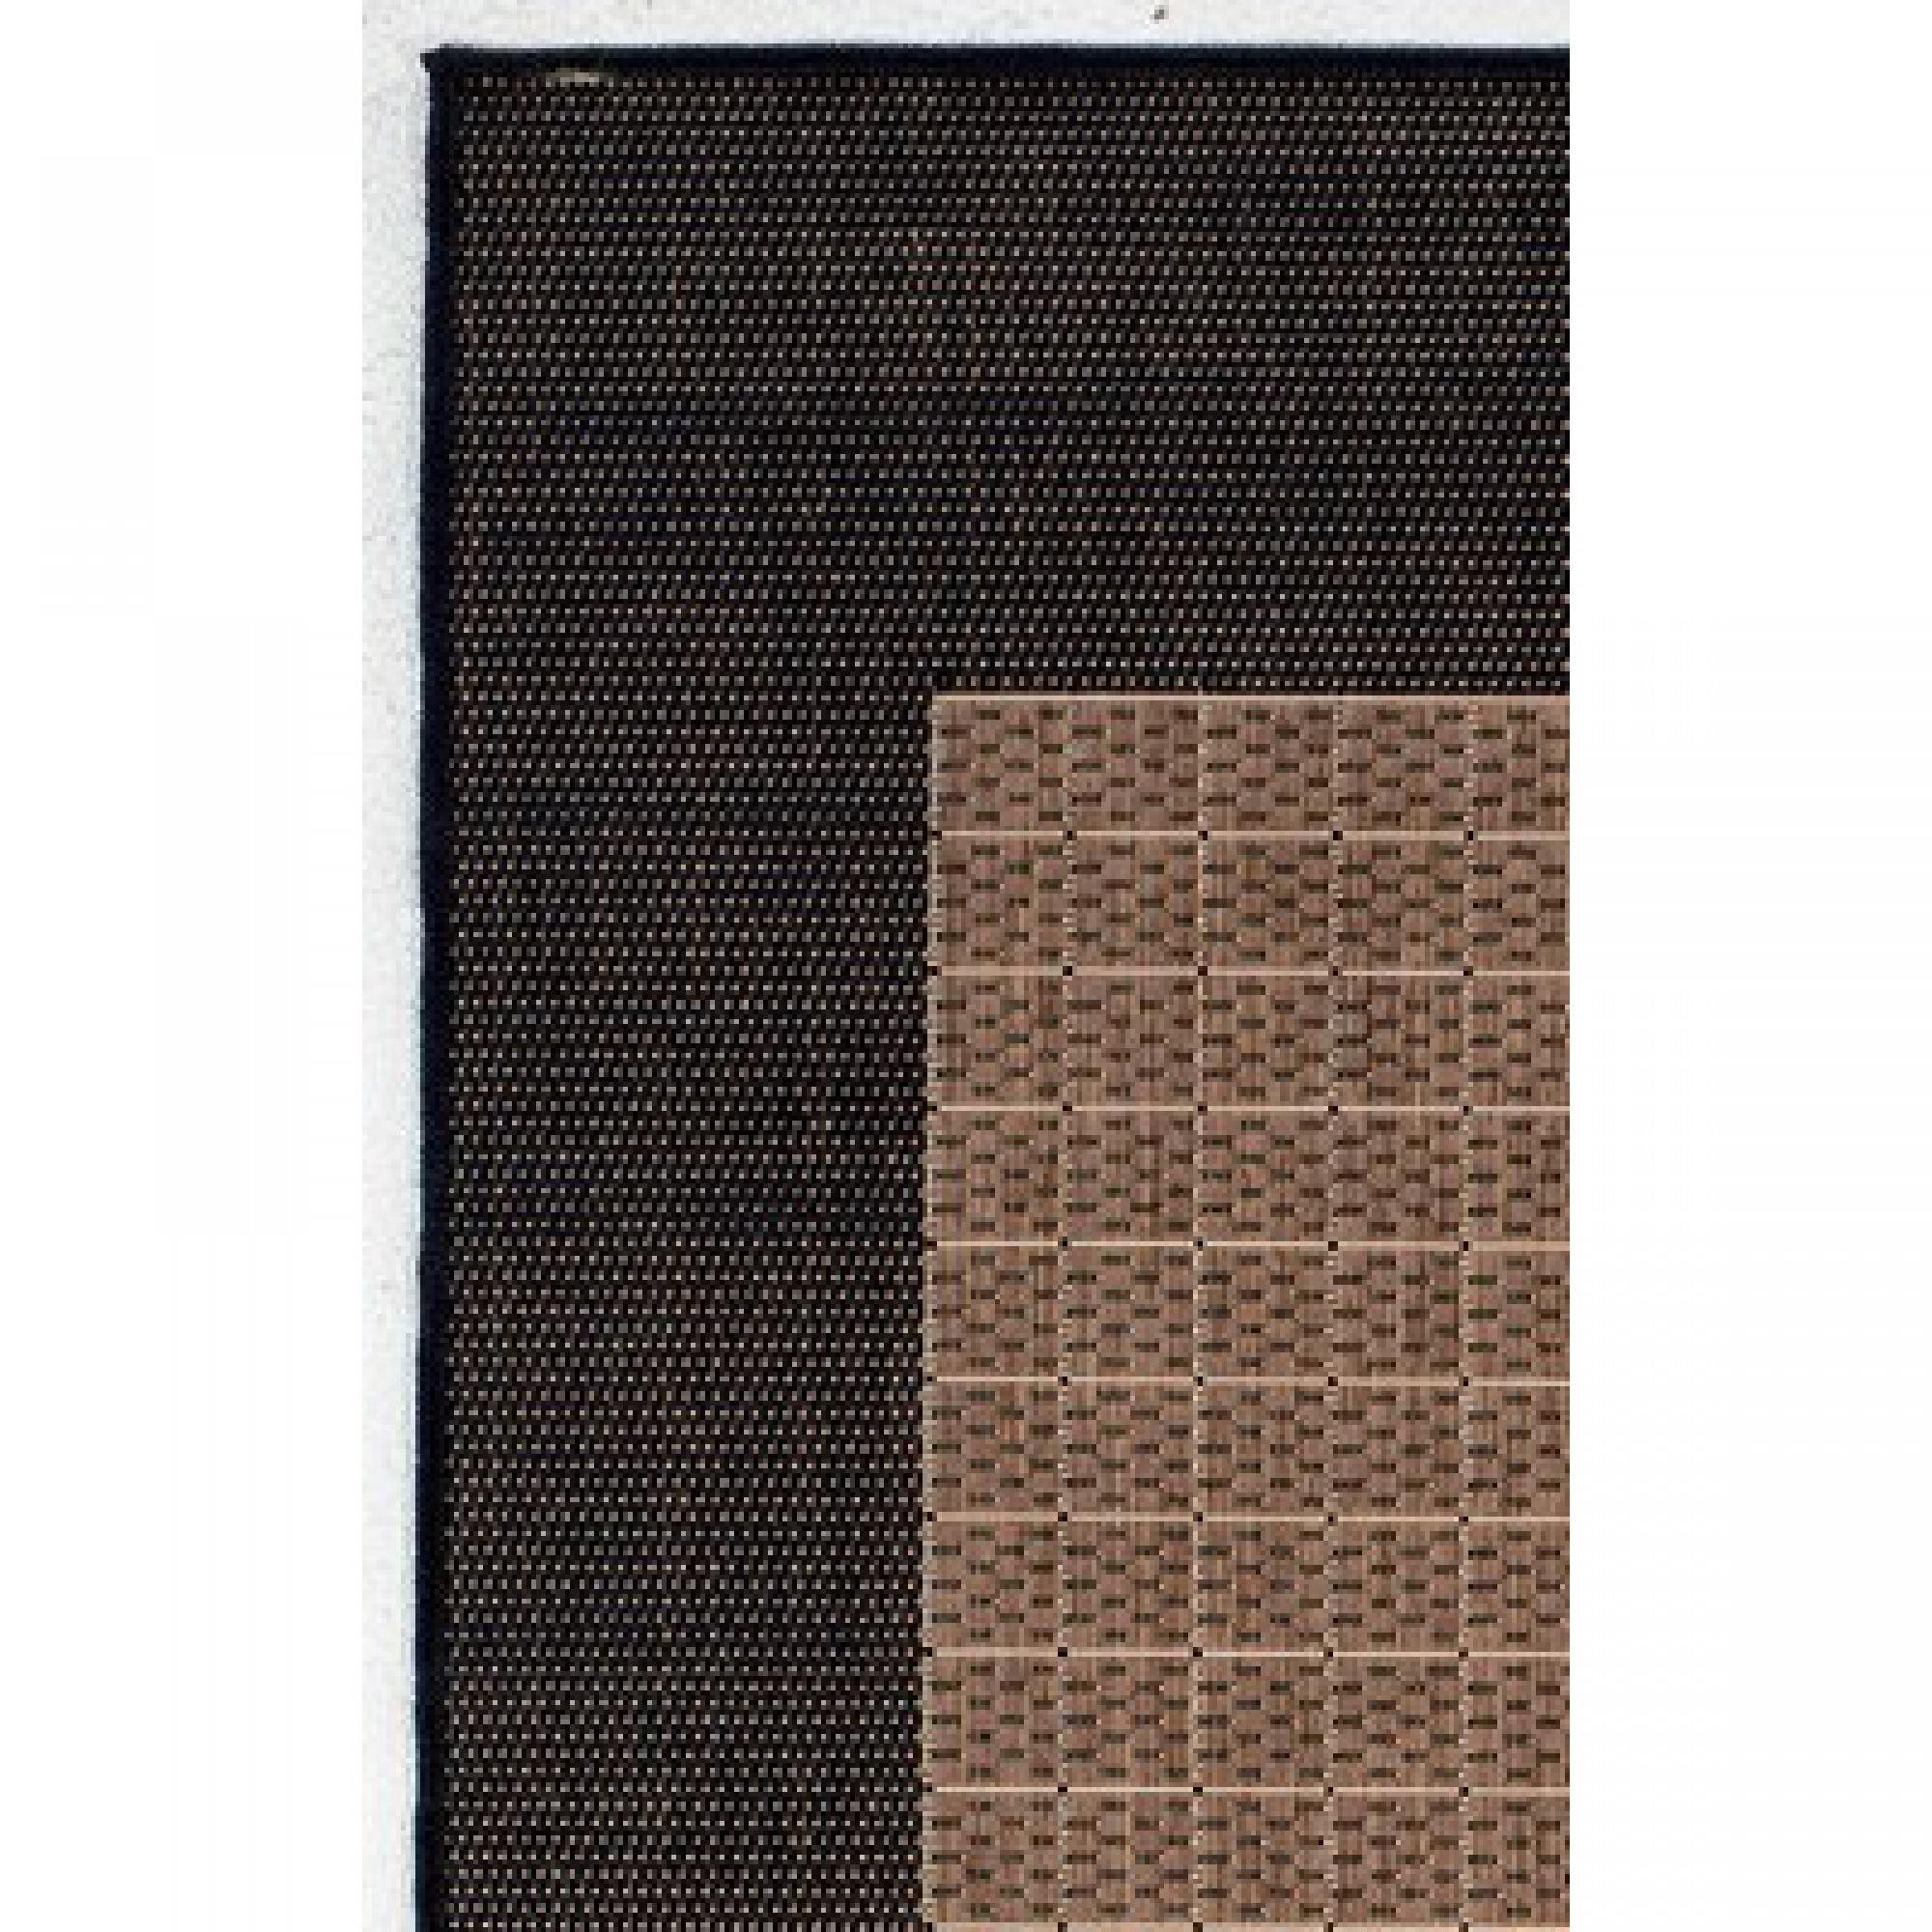 Checkered Outdoor Rug: Shop Recife Checkered Field Cocoa/Black Outdoor Rug (1 Ft